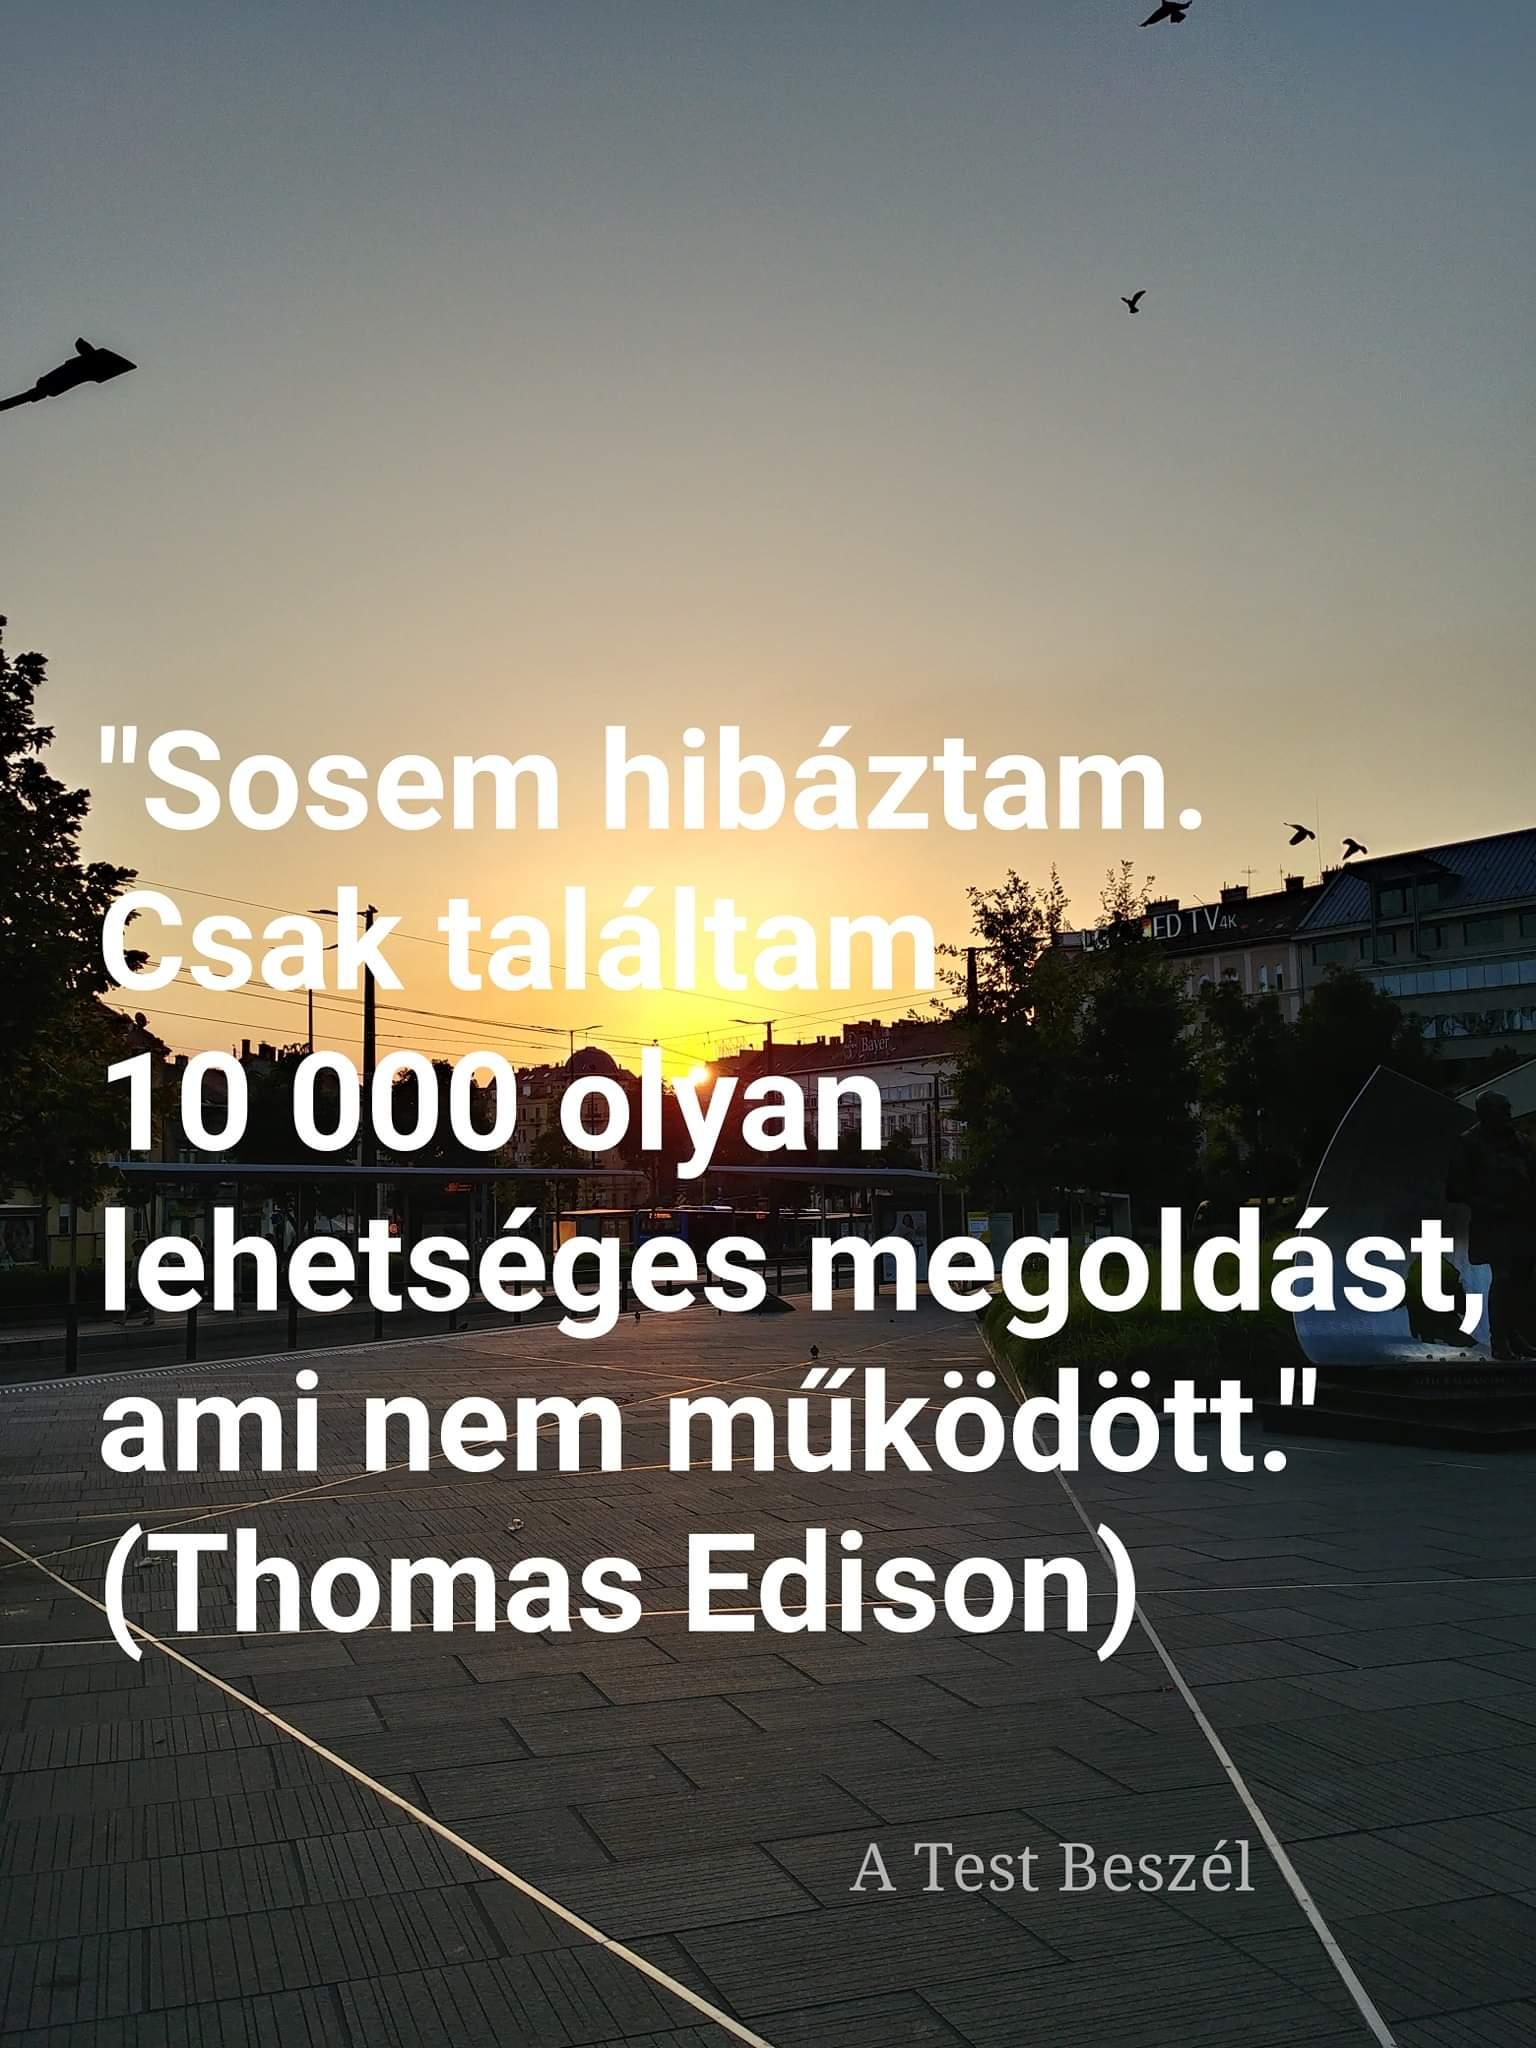 fb_img_1609545674537.jpg